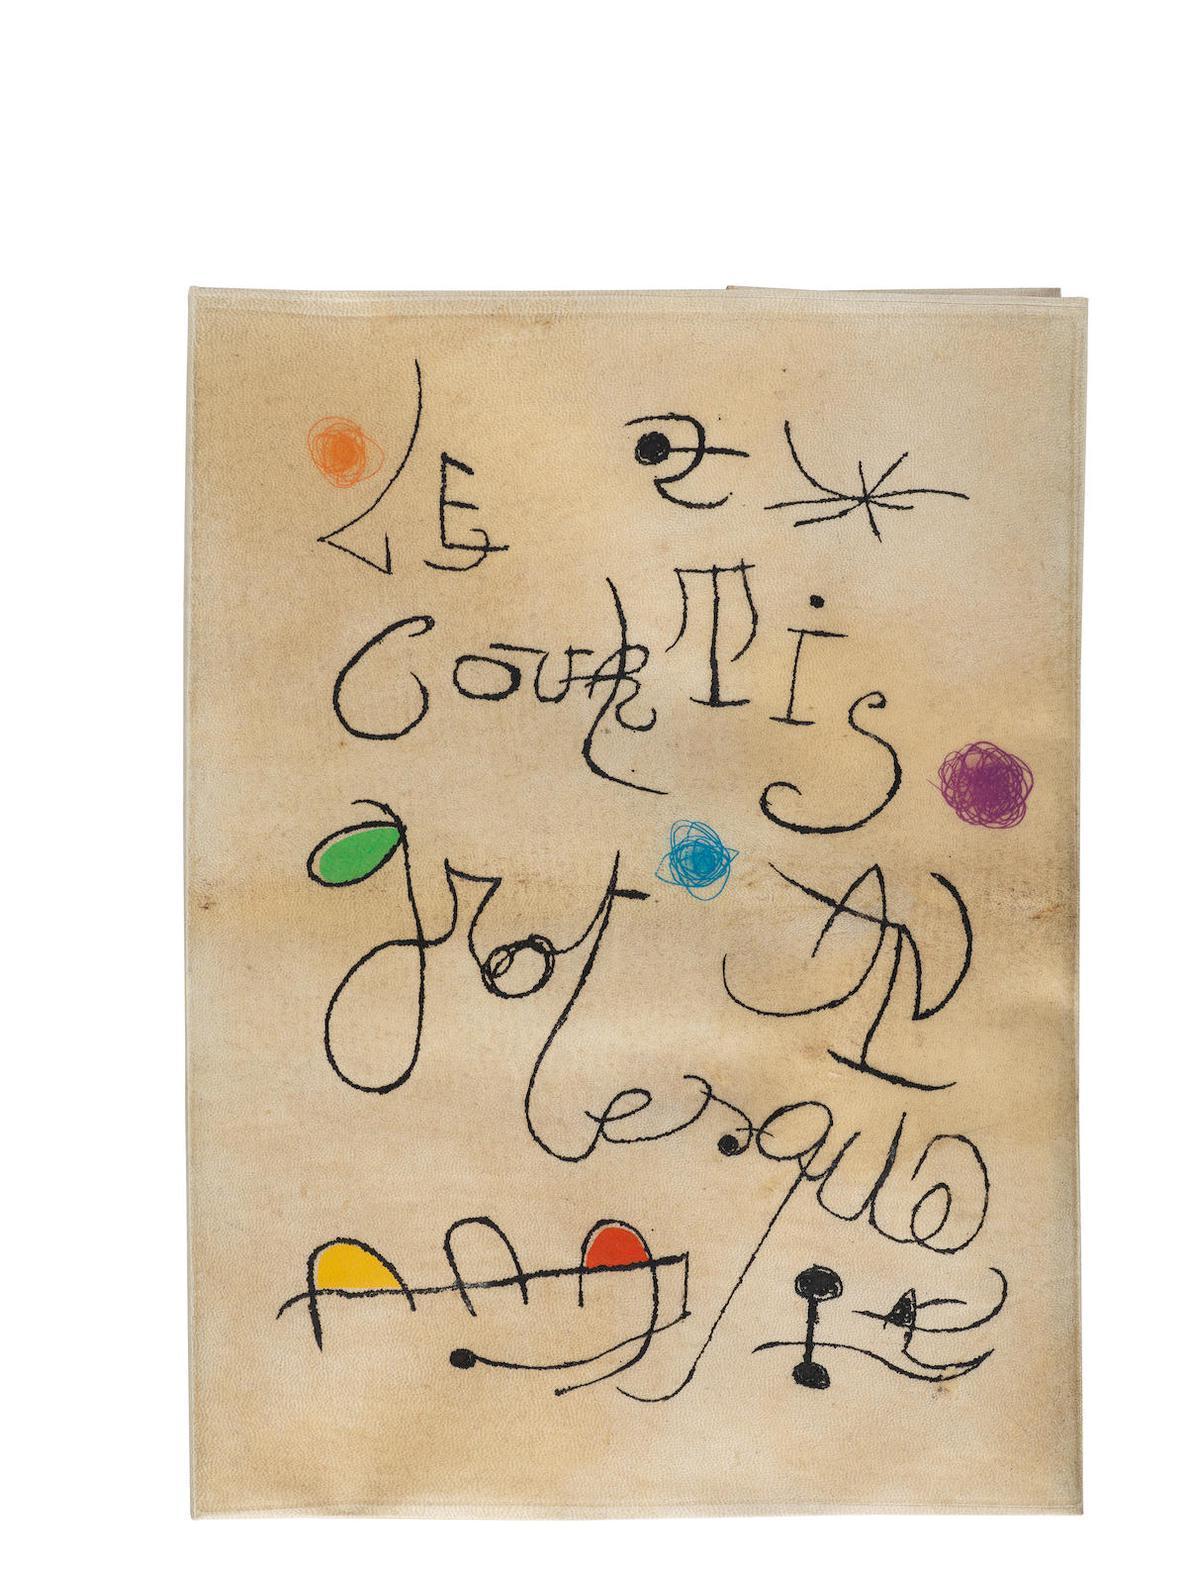 Joan Miro-Adrian De Monluc, Le Courtisan Grotesque, Iliazd, Le Degre 41, Paris, 1974 (Cramer Books182; Dupin 660-675)-1974